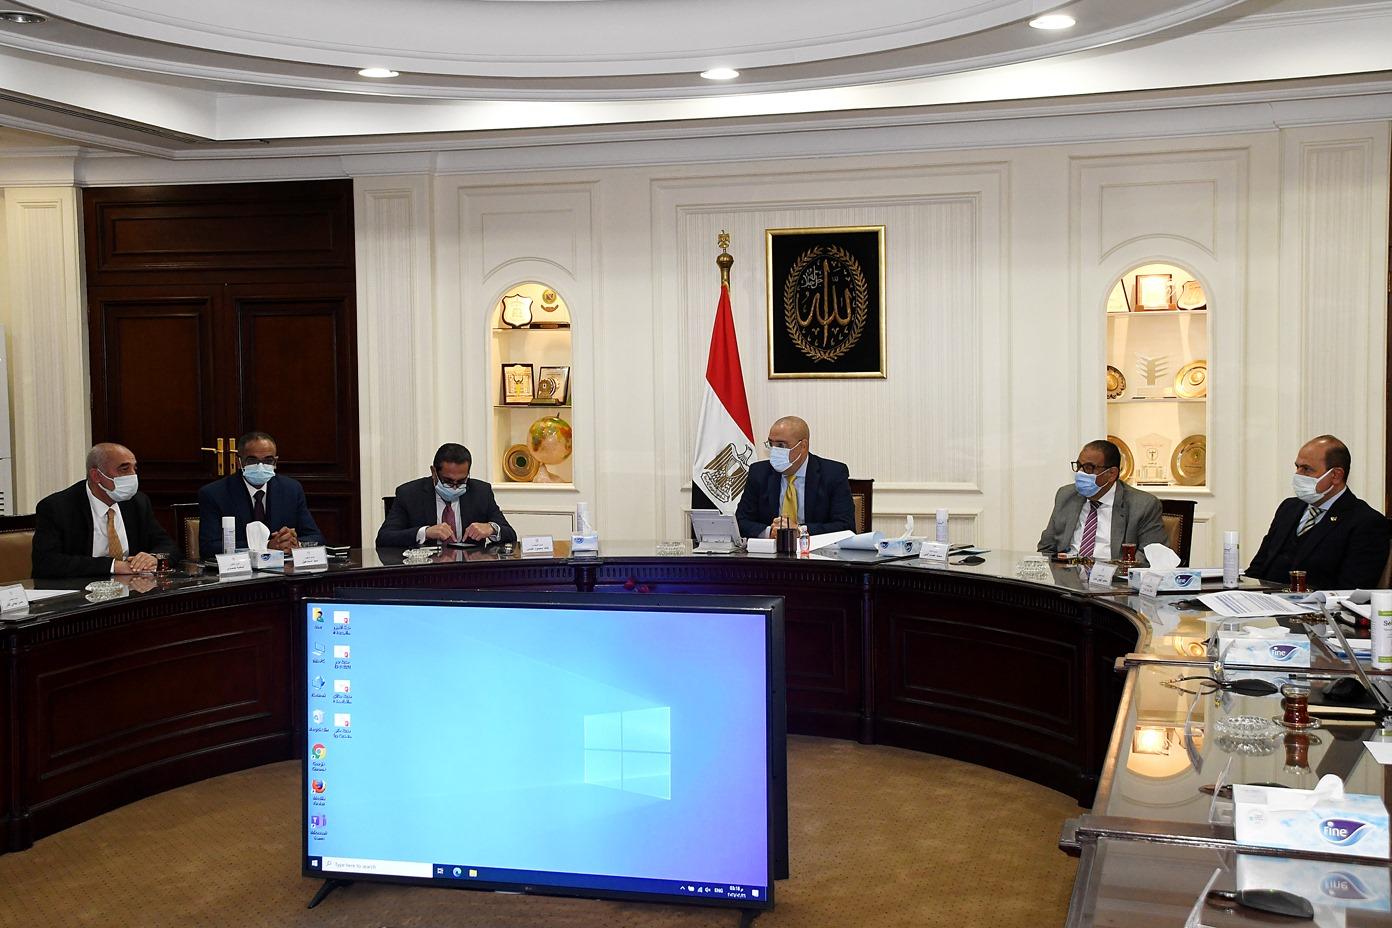 صور | وزير الإسكان يترأس اجتماع لجنة متابعة تنفيذ المبادرة الرئاسية حياة كريمة